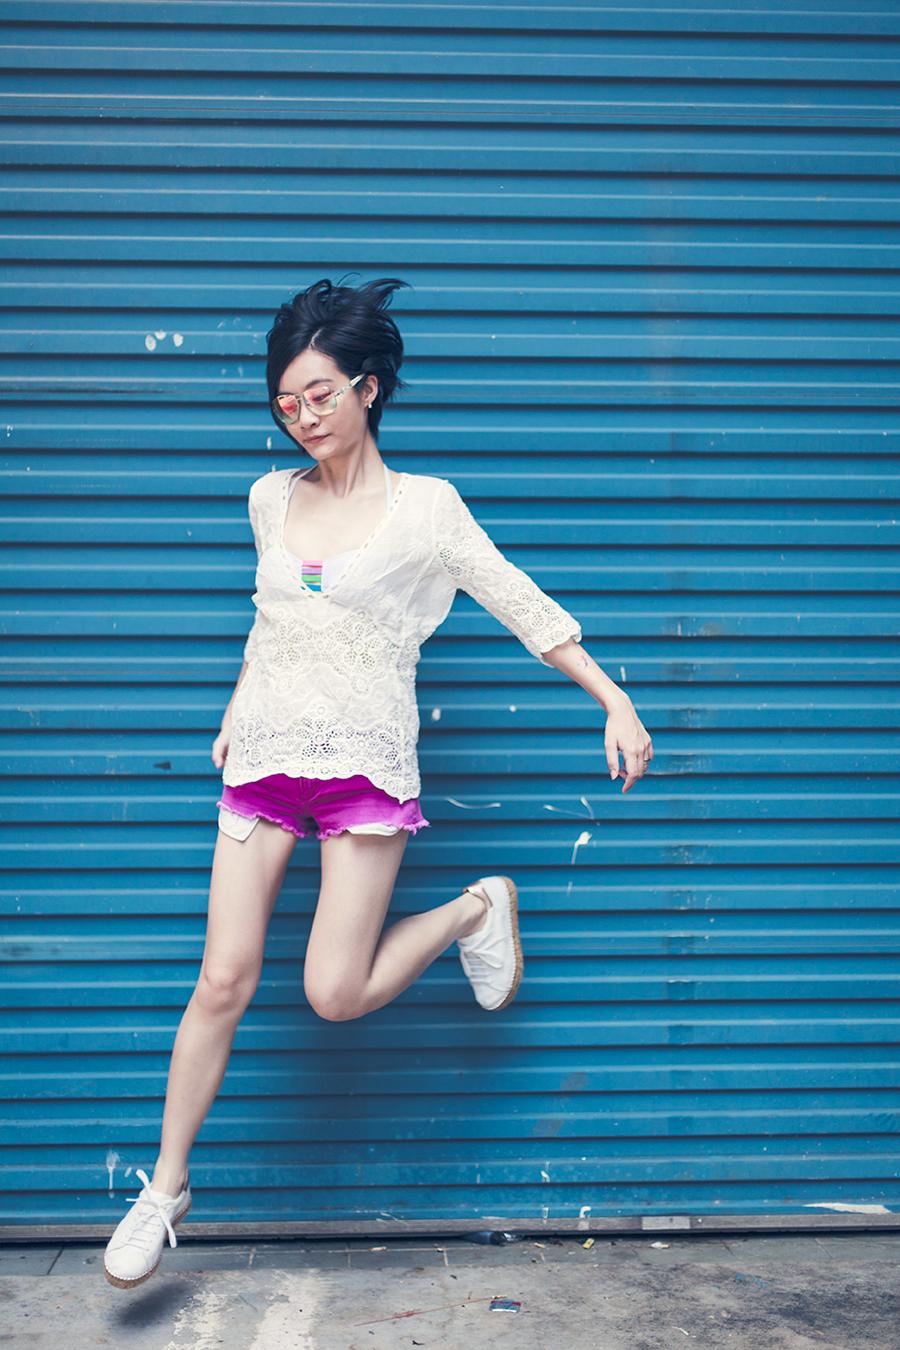 Casual Swimwear ootd: BikiniBeachwearStore Relleciga Cherry Bikini top, Shein white pullover, Forever 21 pink denim shorts, Guess iridescent sunglasses, KG Kurt Geiger Lovebug sneakers.